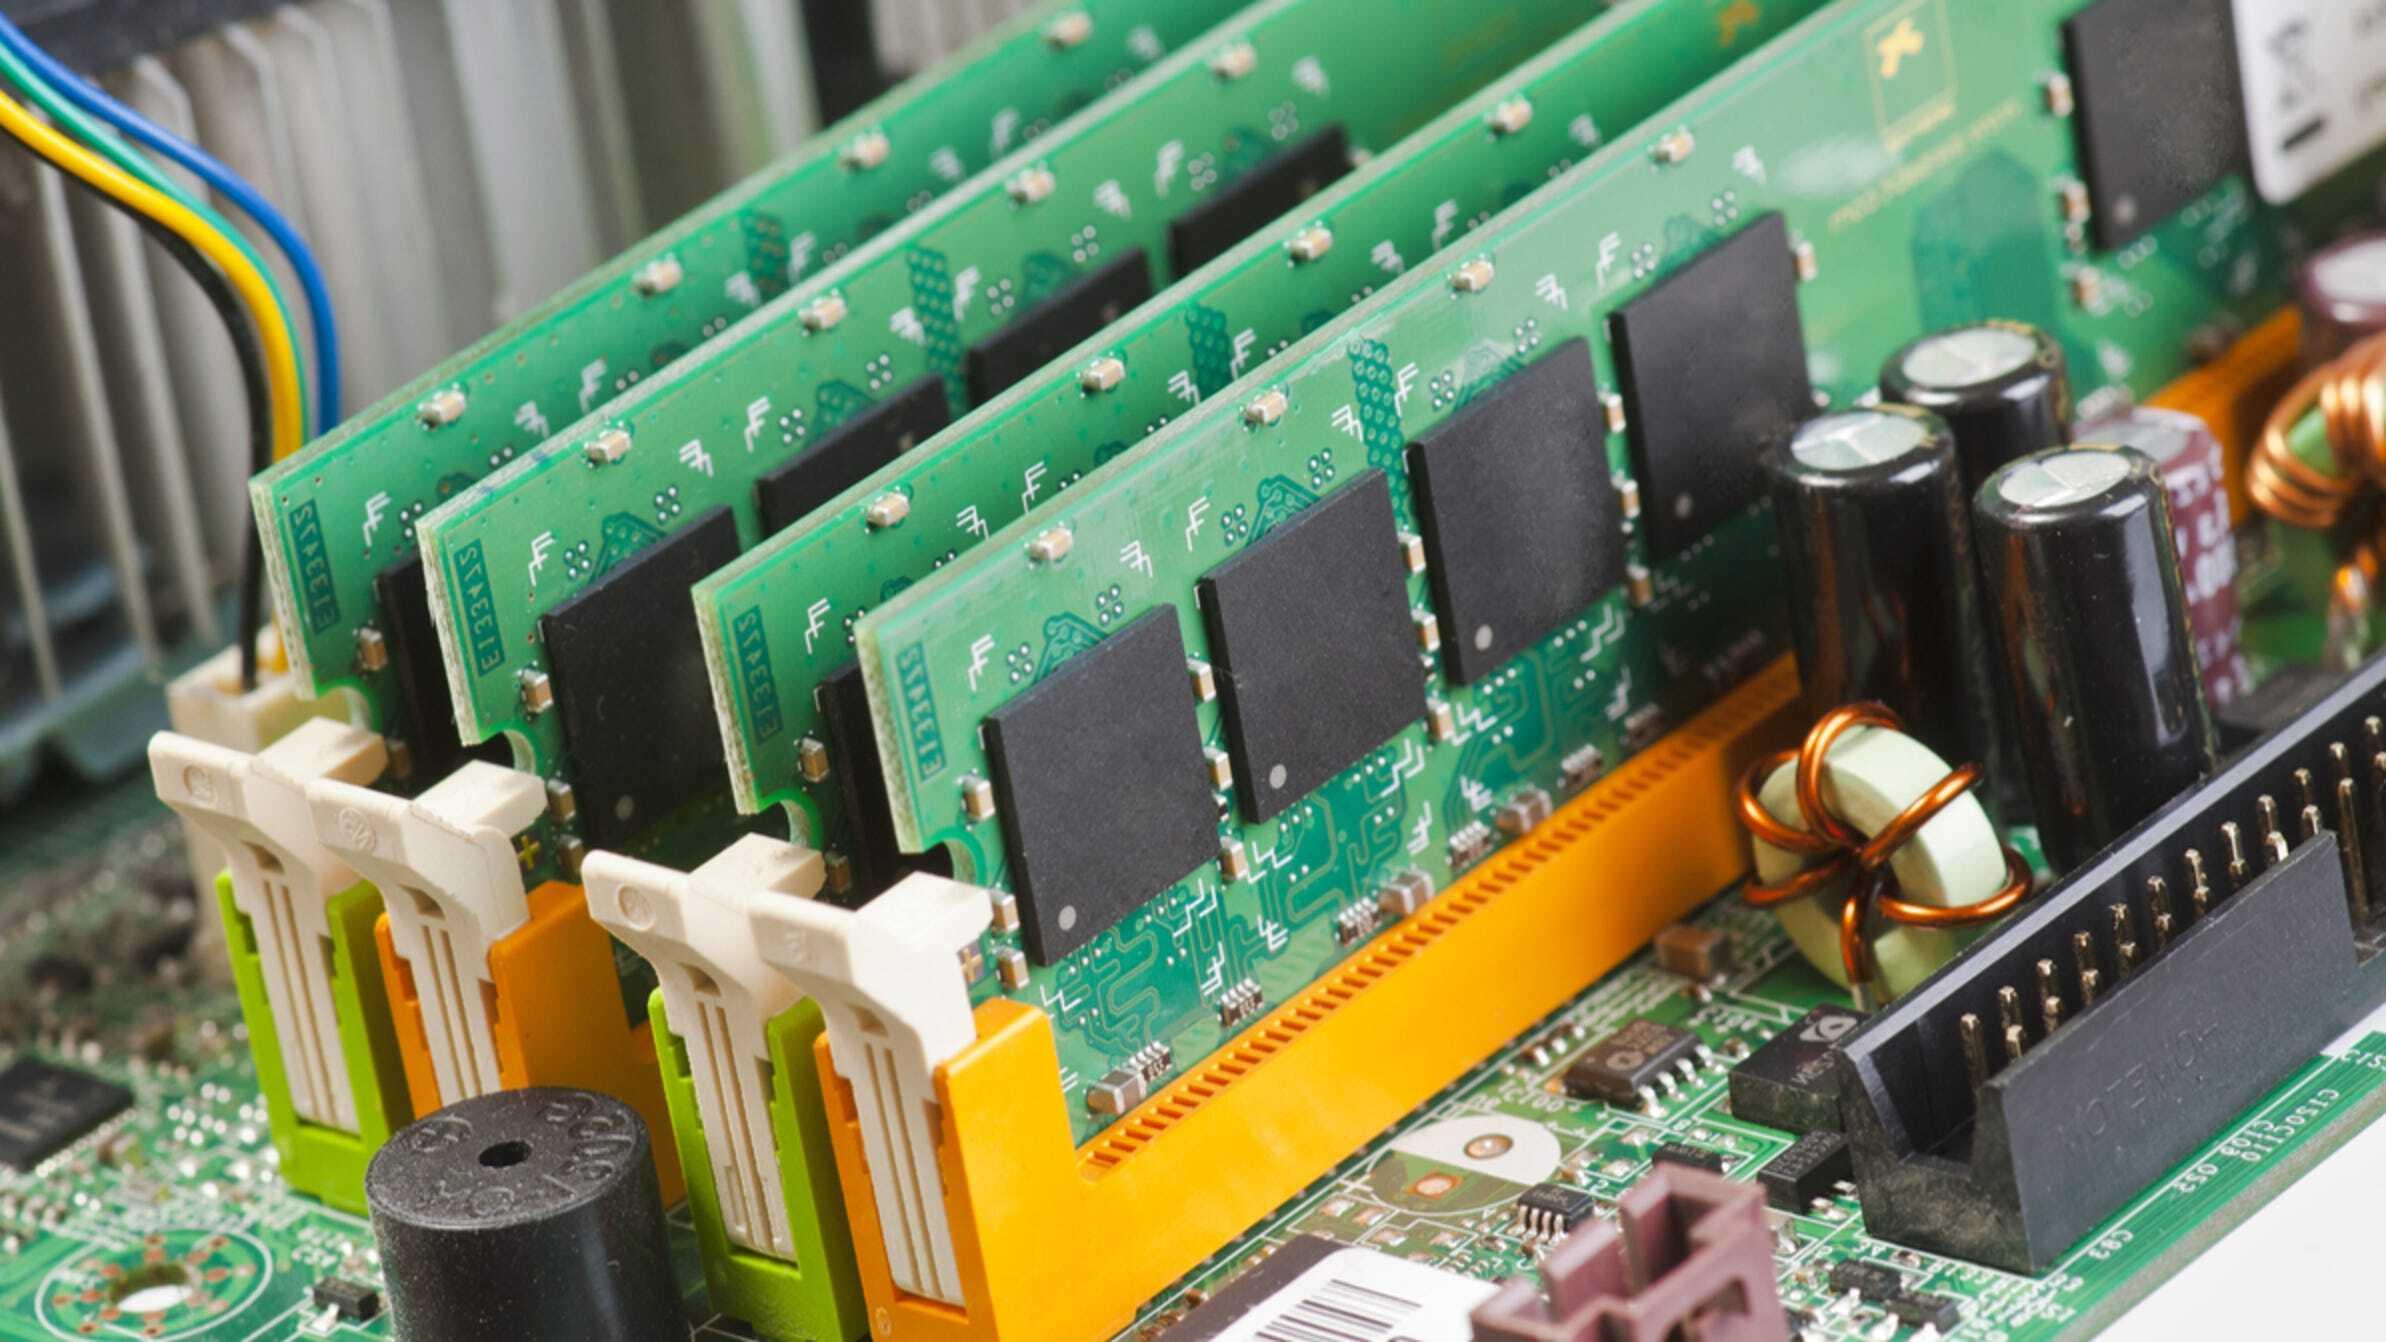 Журналисты рассказали о сговоре производителей оперативной памяти для компьютеров